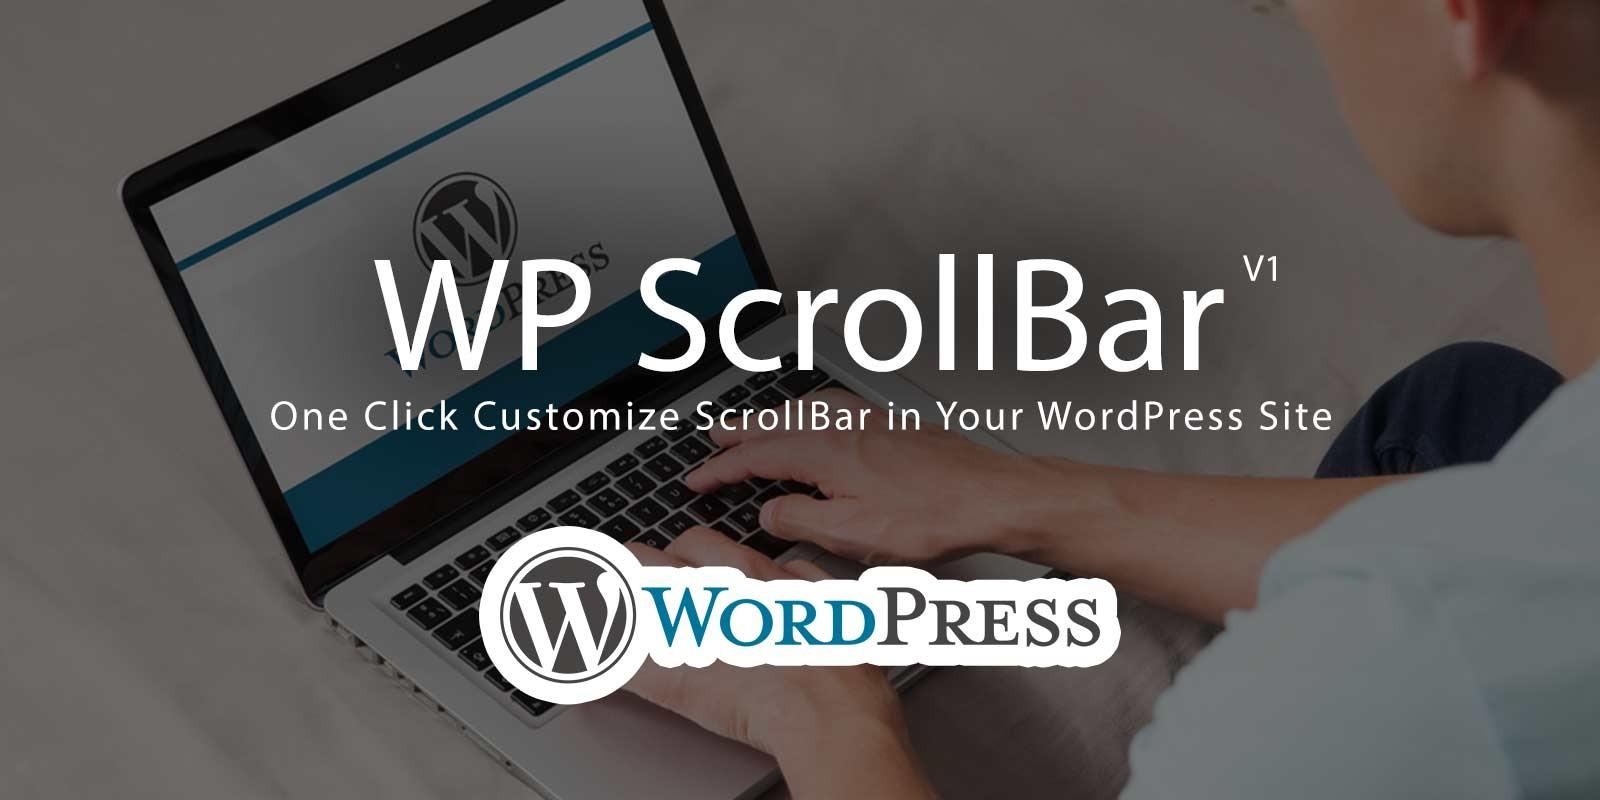 WP ScrollBar Plugin